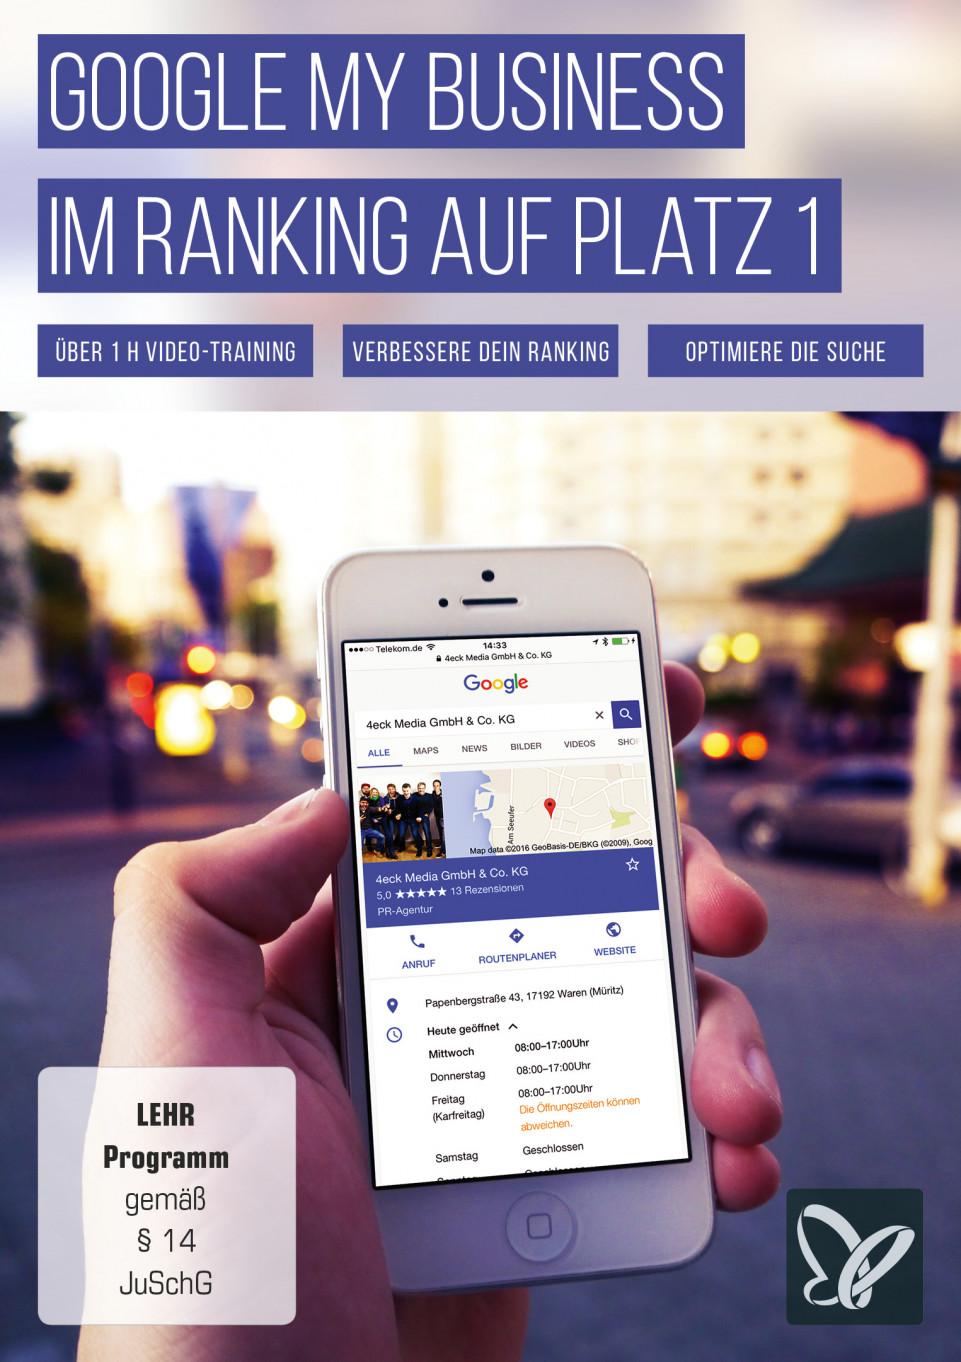 Google My Business – Im Ranking auf Platz 1!